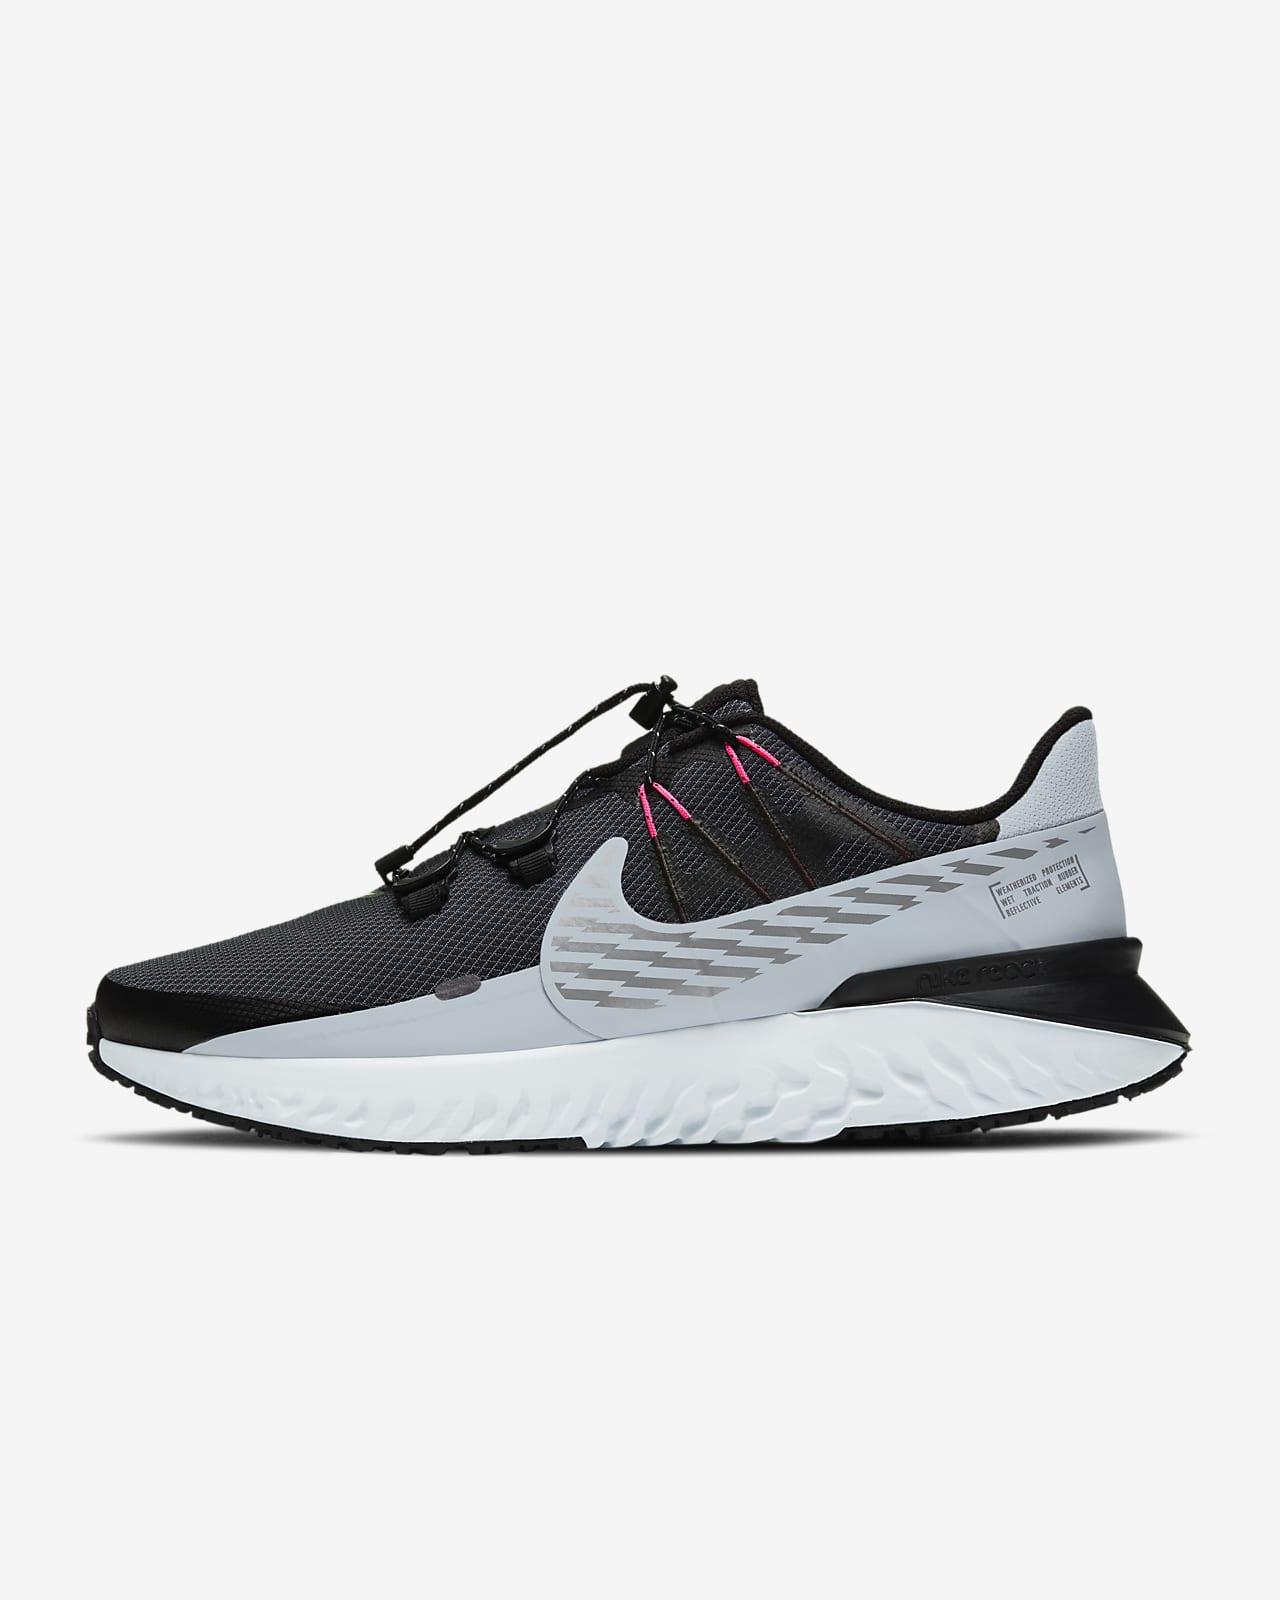 รองเท้าวิ่งผู้ชาย Nike Legend React 3 Shield